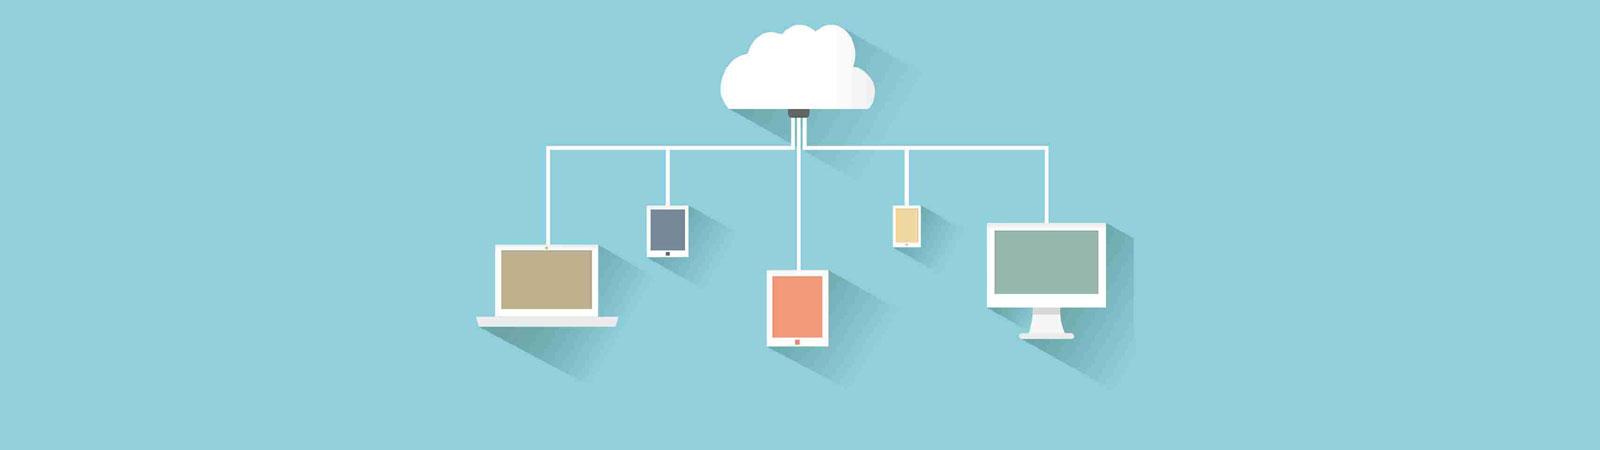 best web hosting provider in jaipur